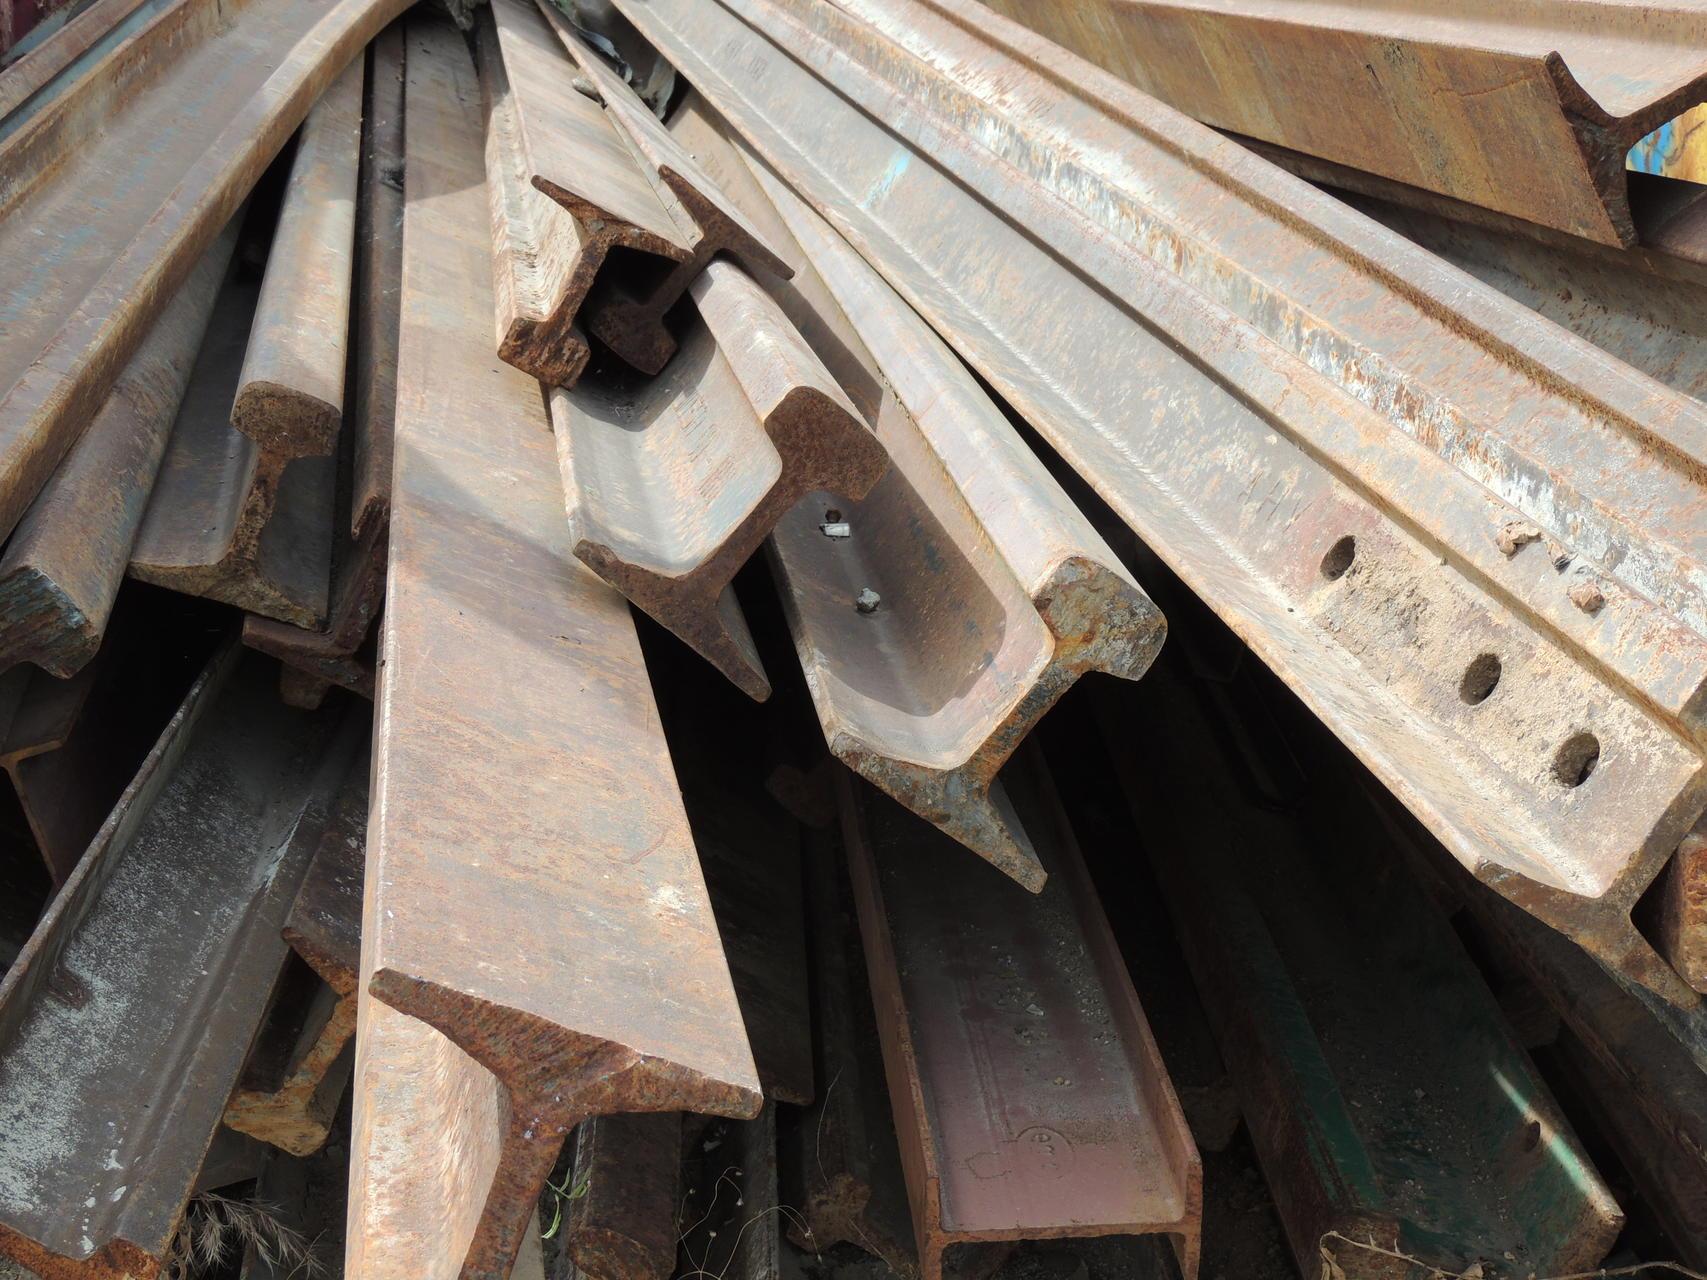 Chatarra de hierro informaci n y precios recemsa el for Perfiles de hierro galvanizado precio